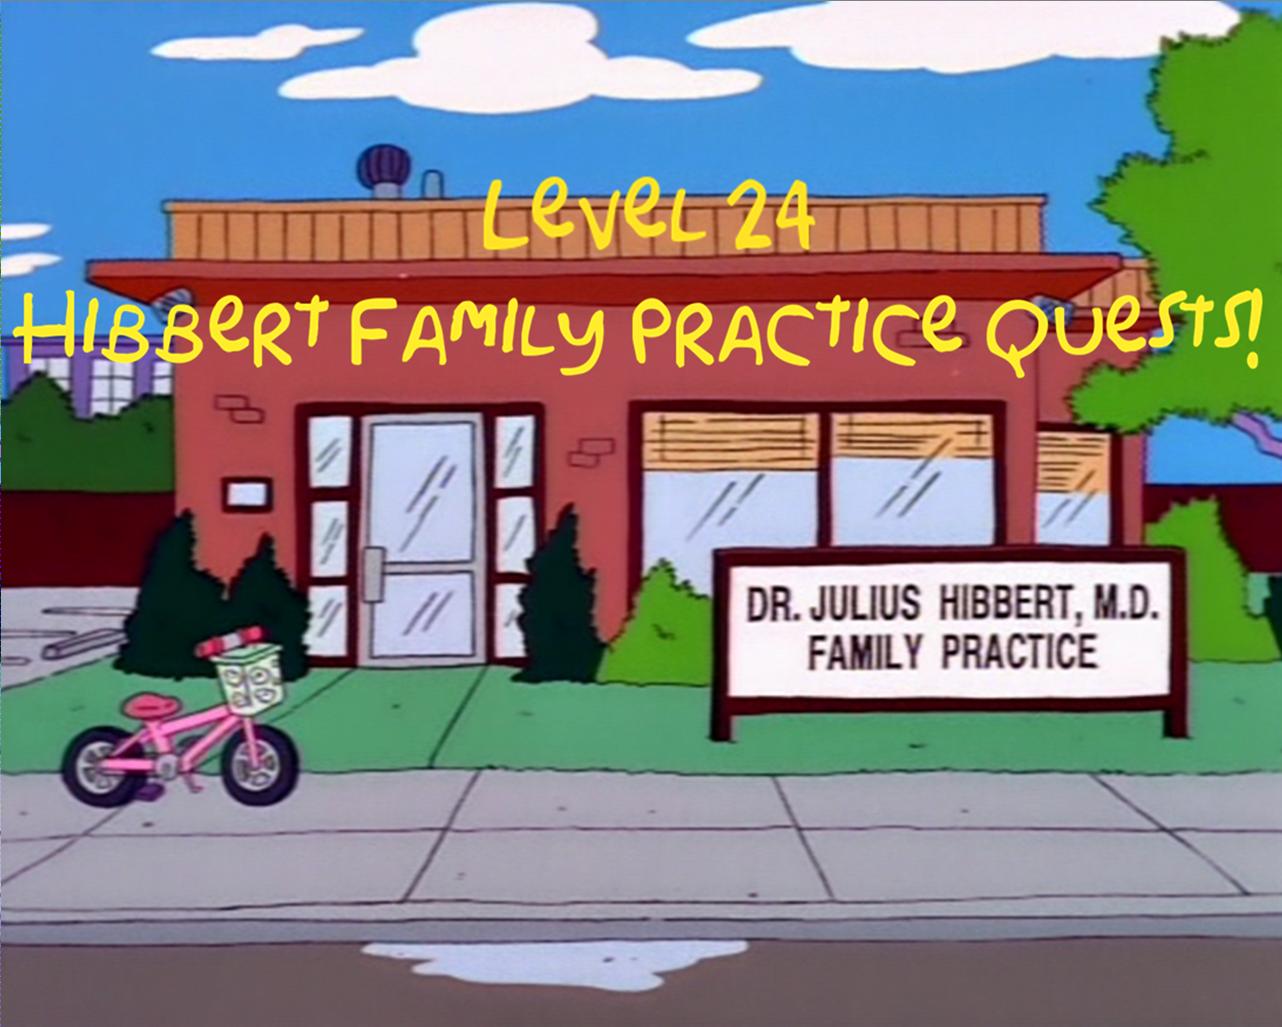 hibbert family practice quests - Quest Bergroer Sessel